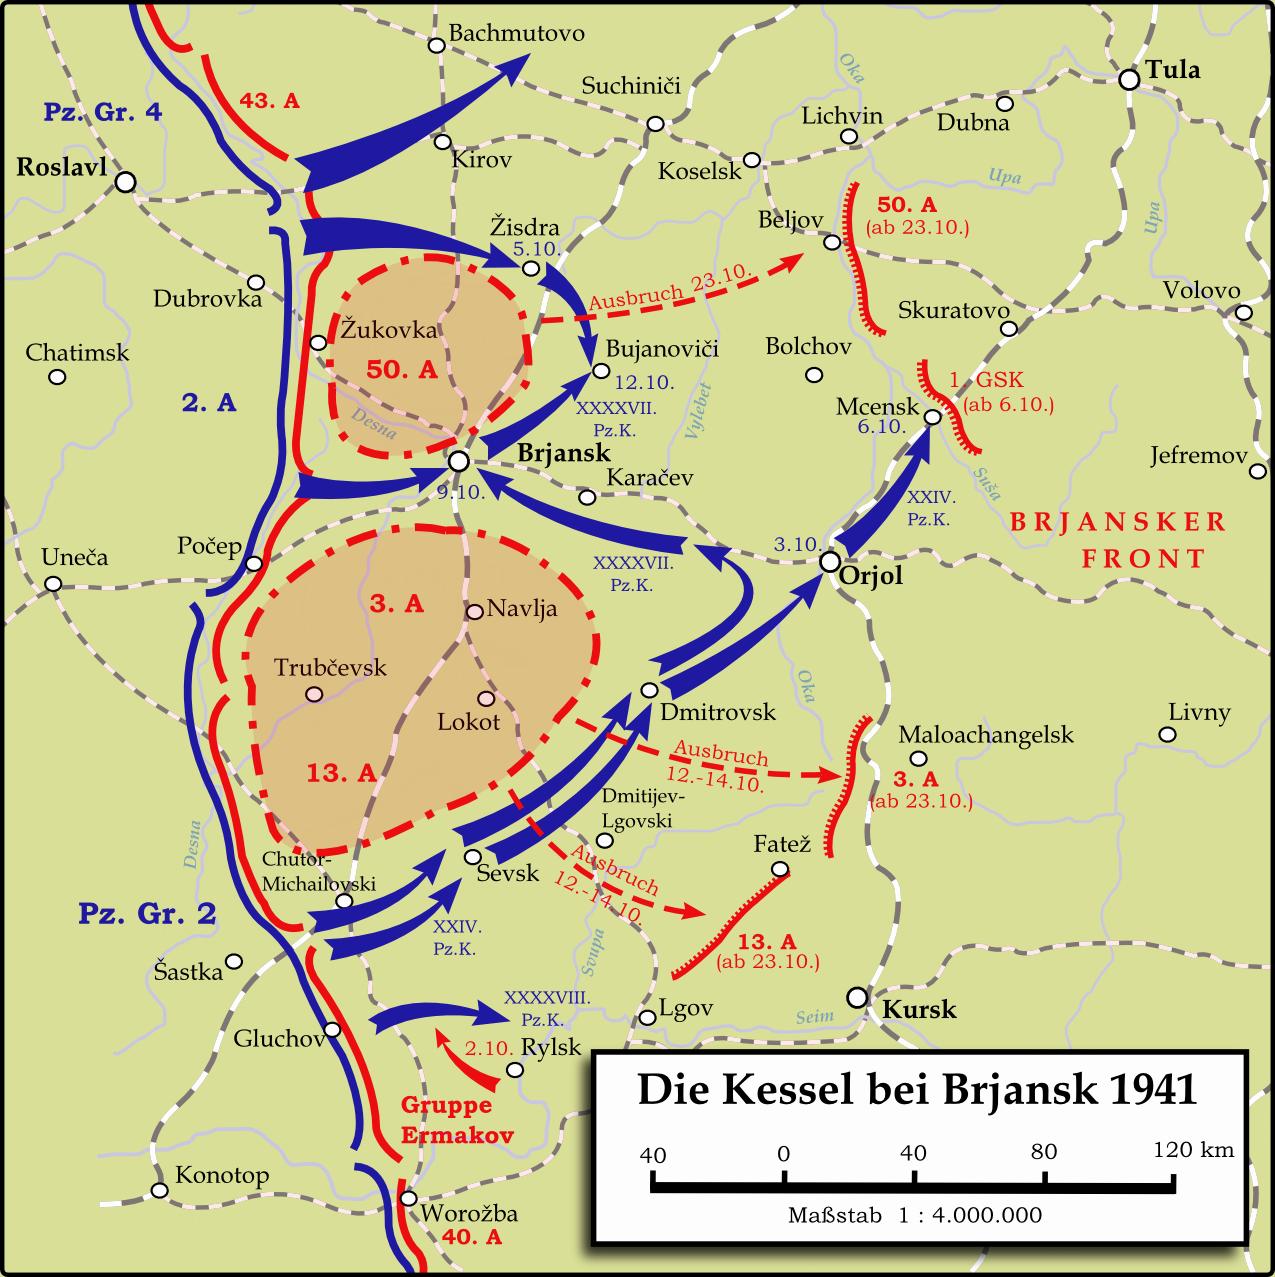 File:Karte - Kesselschlacht bei Brjansk 1941.png - Wikimedia Commons